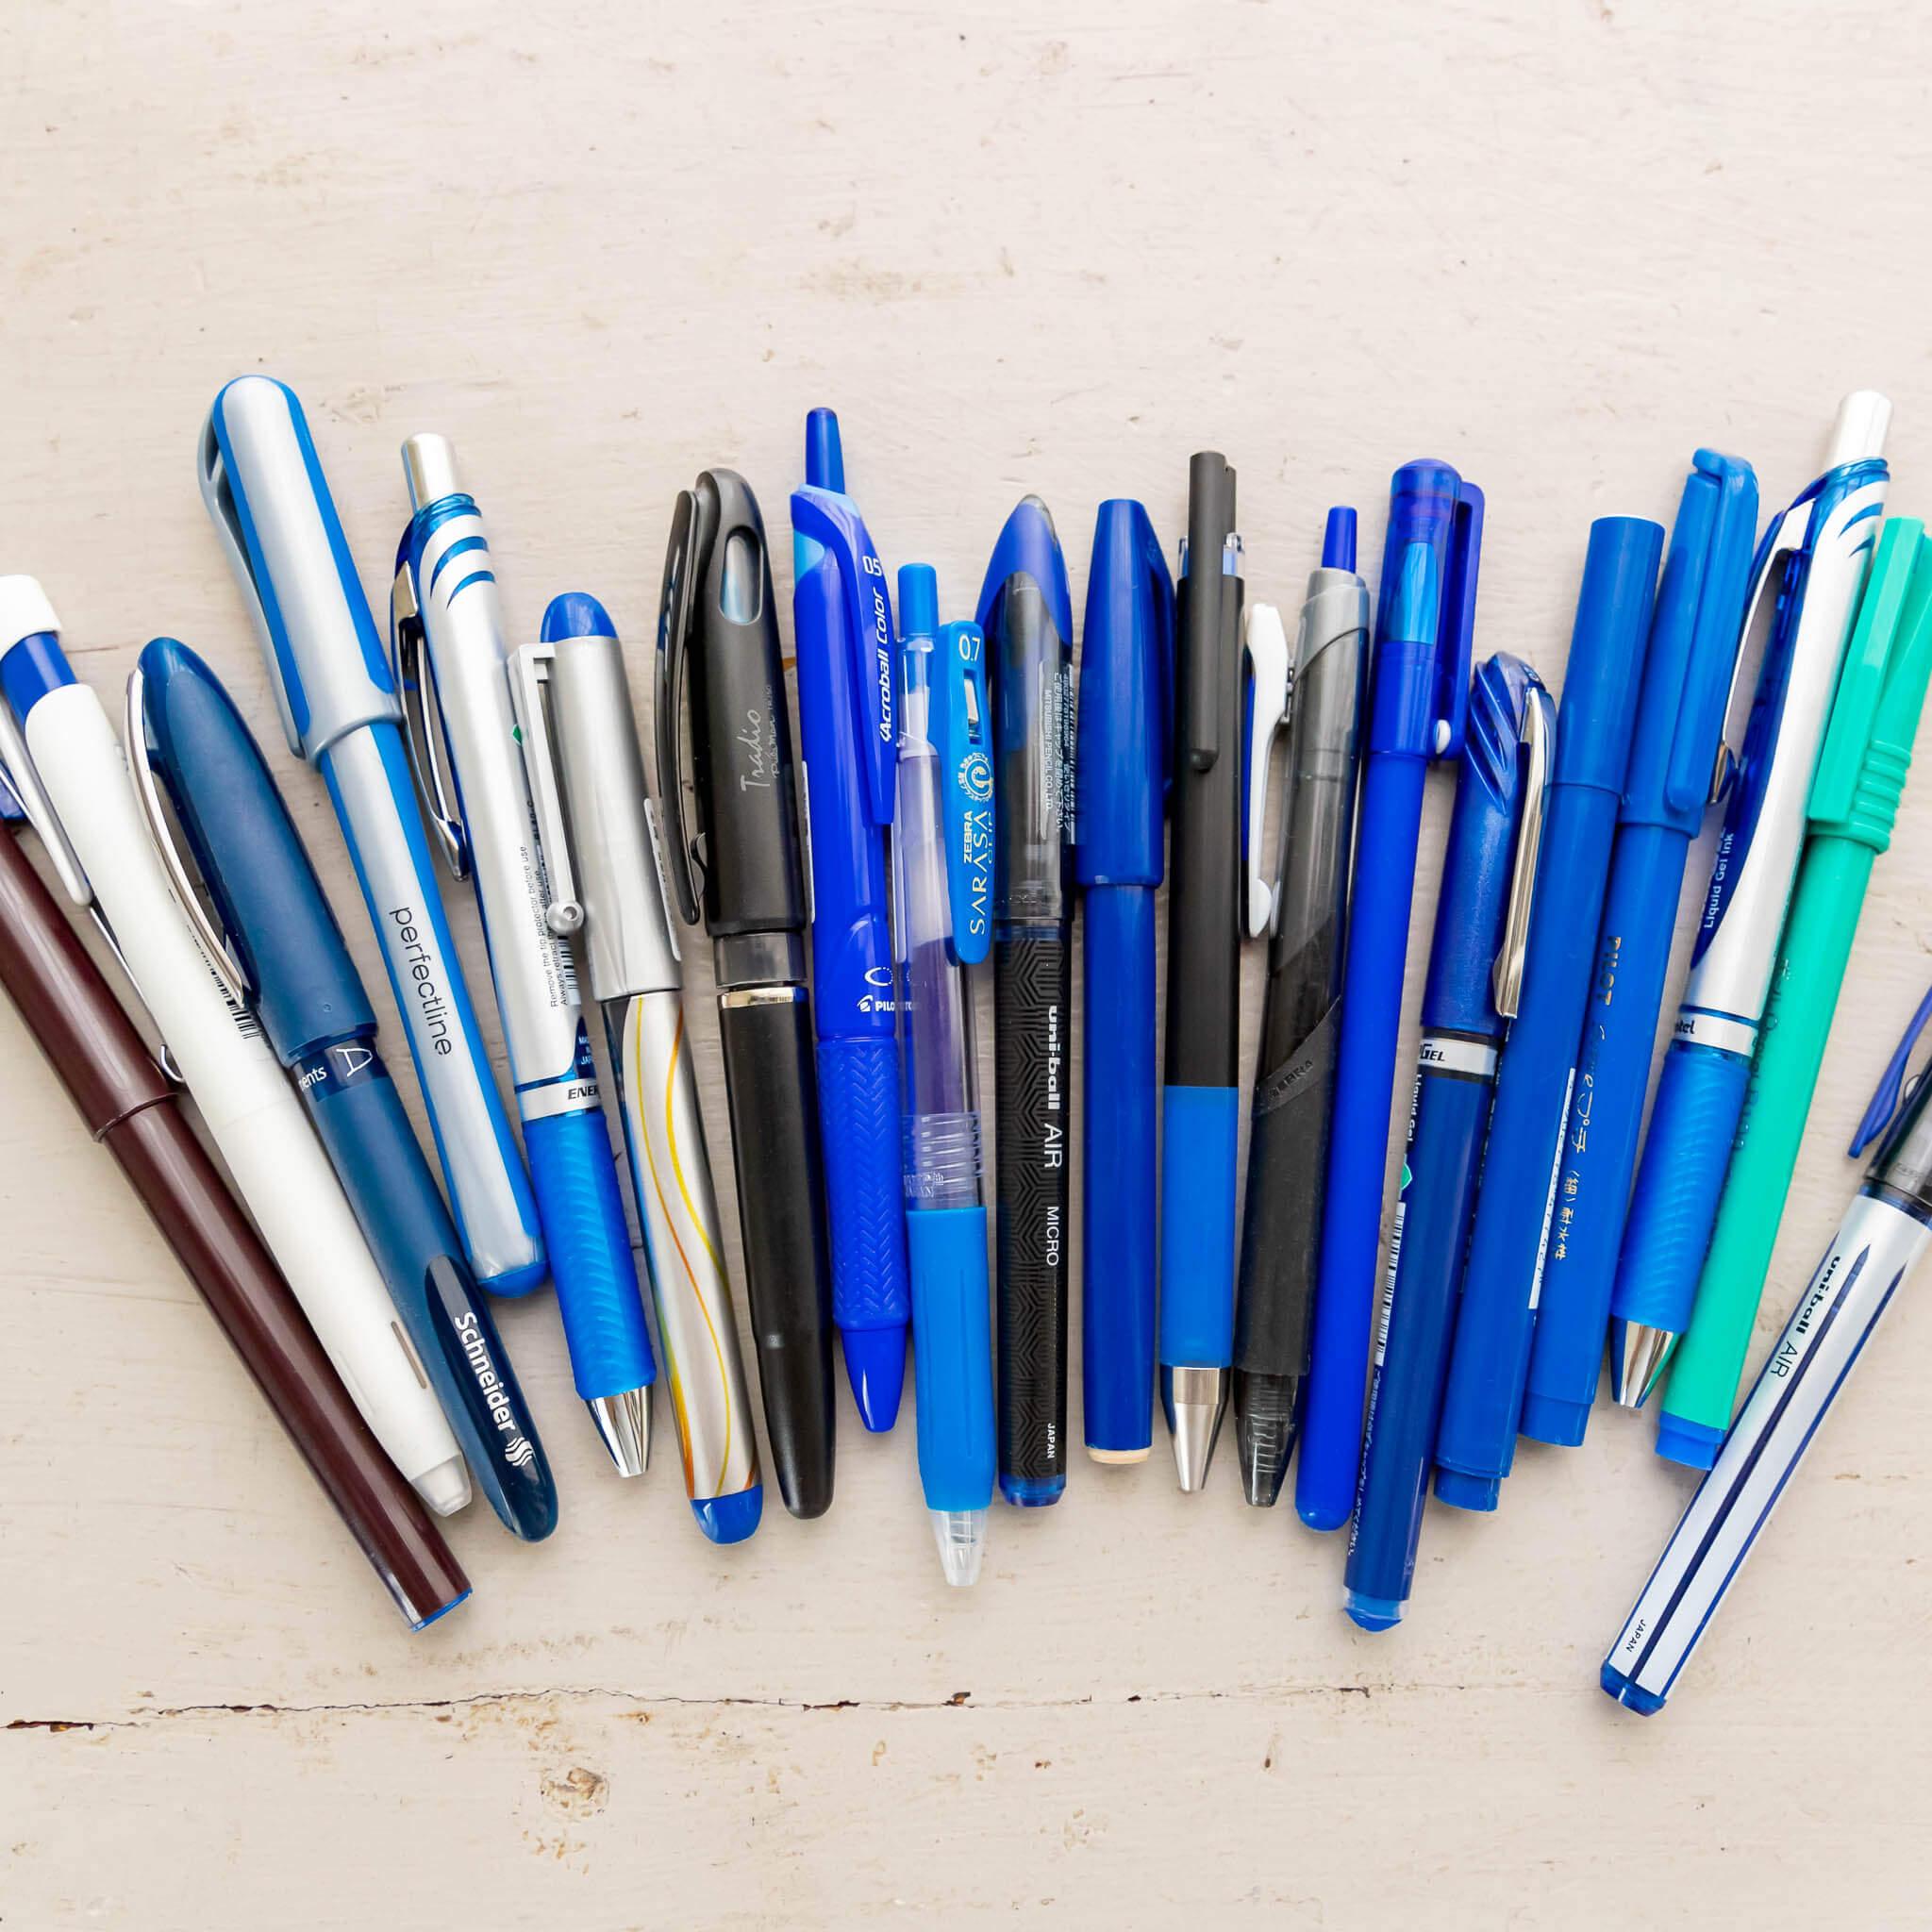 M9notes オススメは青色のペンでメモすること!